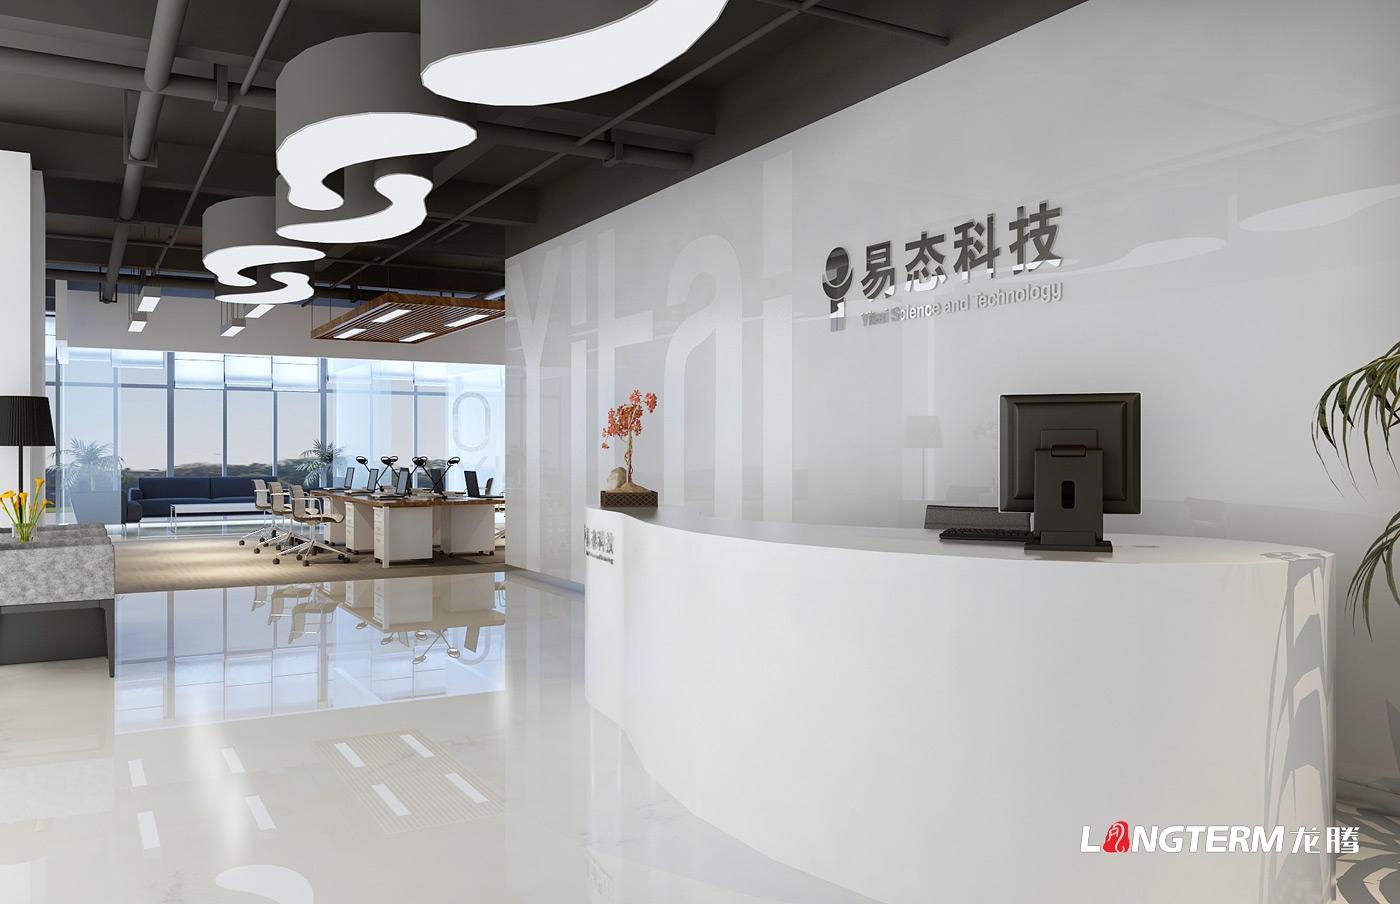 企业形象墙设计公司_成都形象墙文化墙设计及制作安装_办公室品牌LOGO形象文化上墙展示